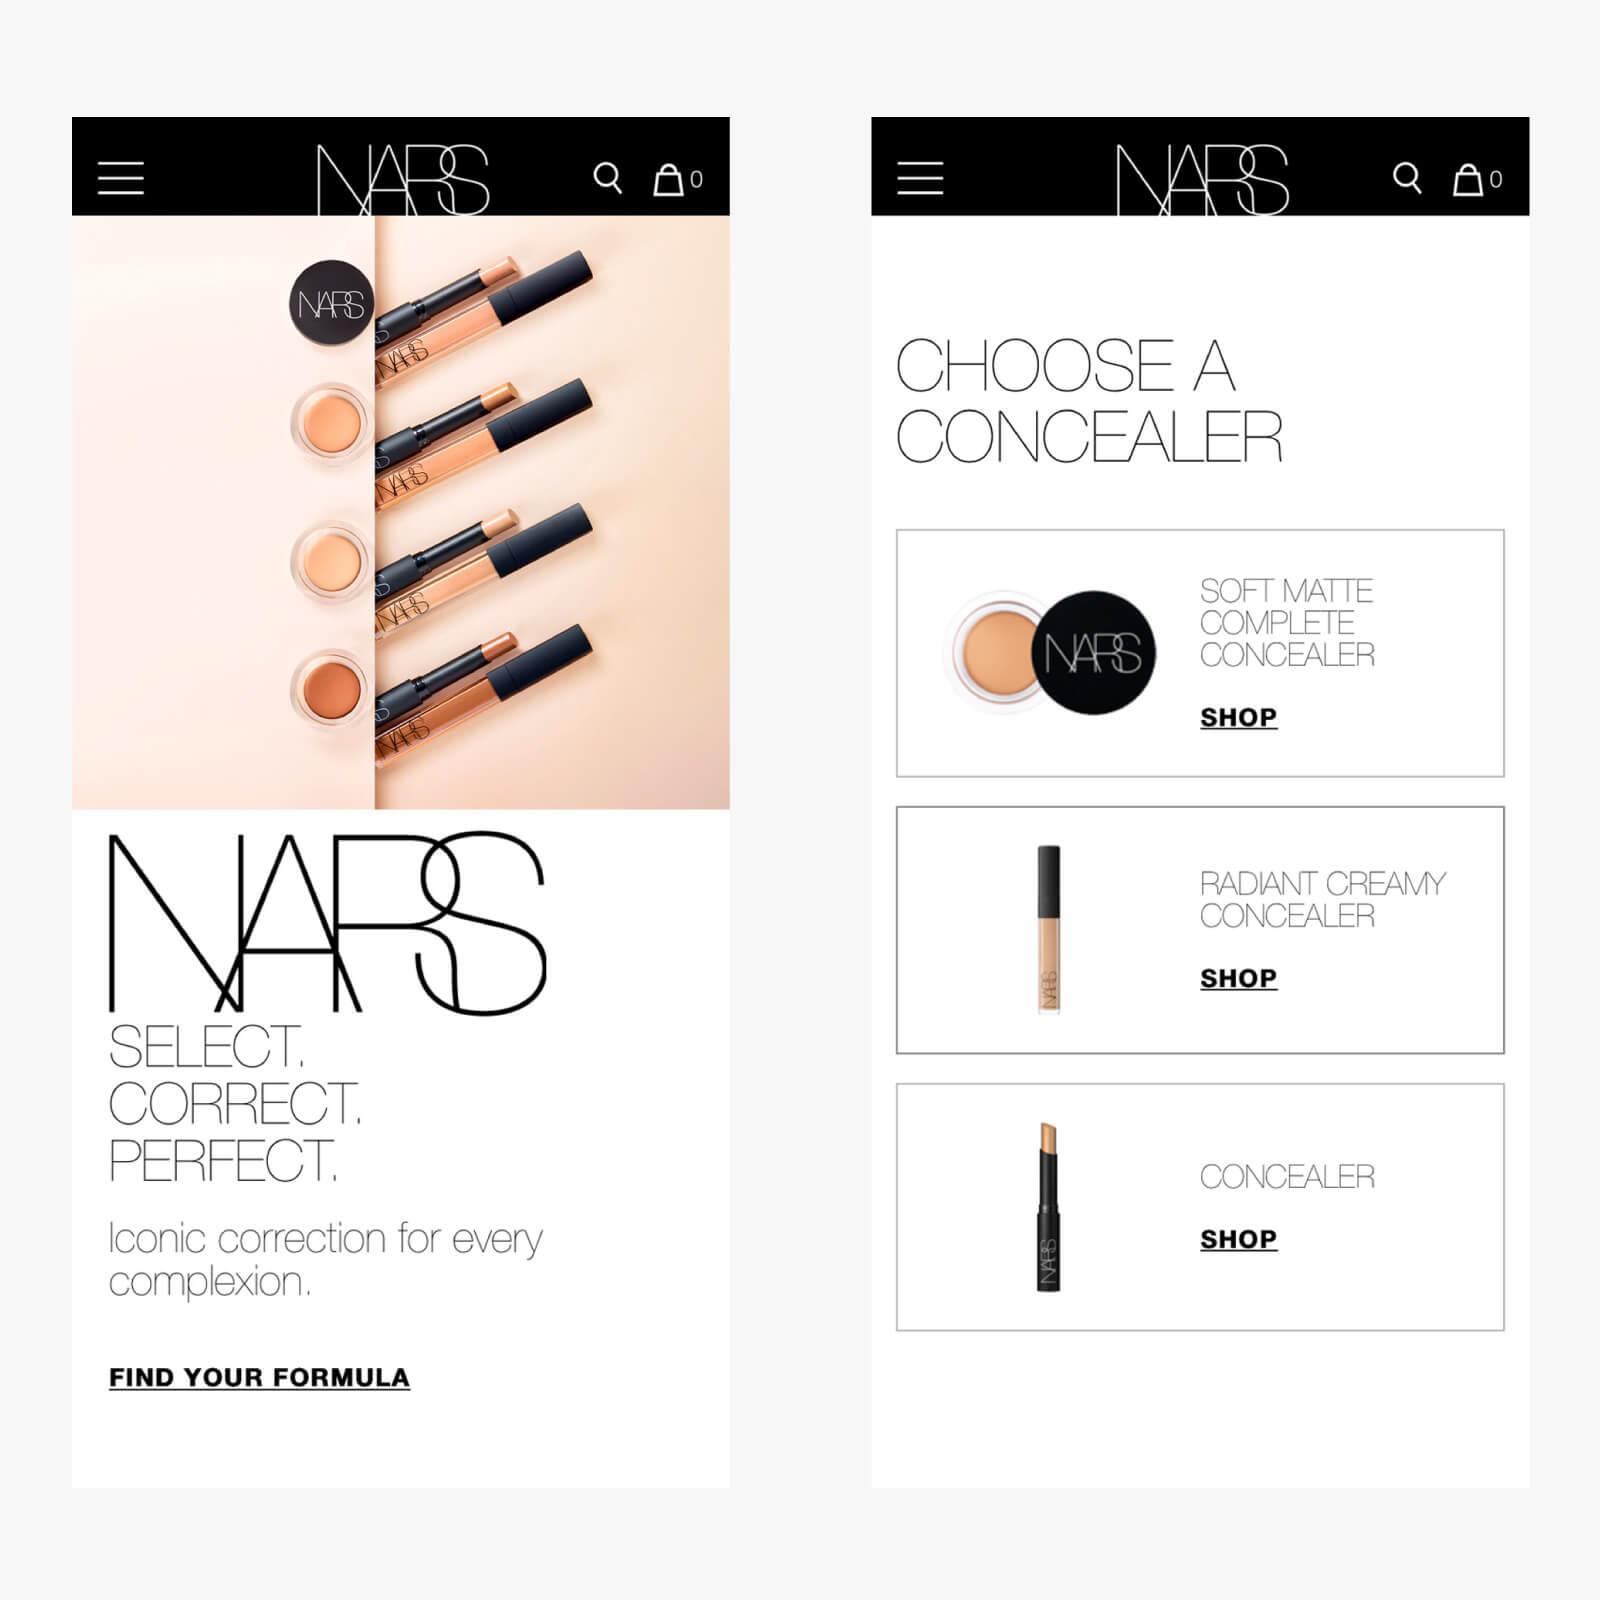 NARS_Conceal_1